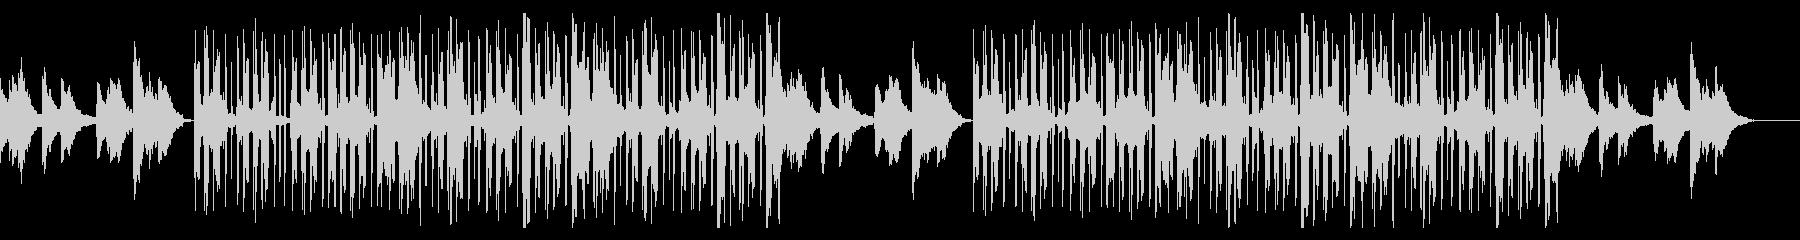 ギターとピアノの静かなチル・ヒップホップの未再生の波形